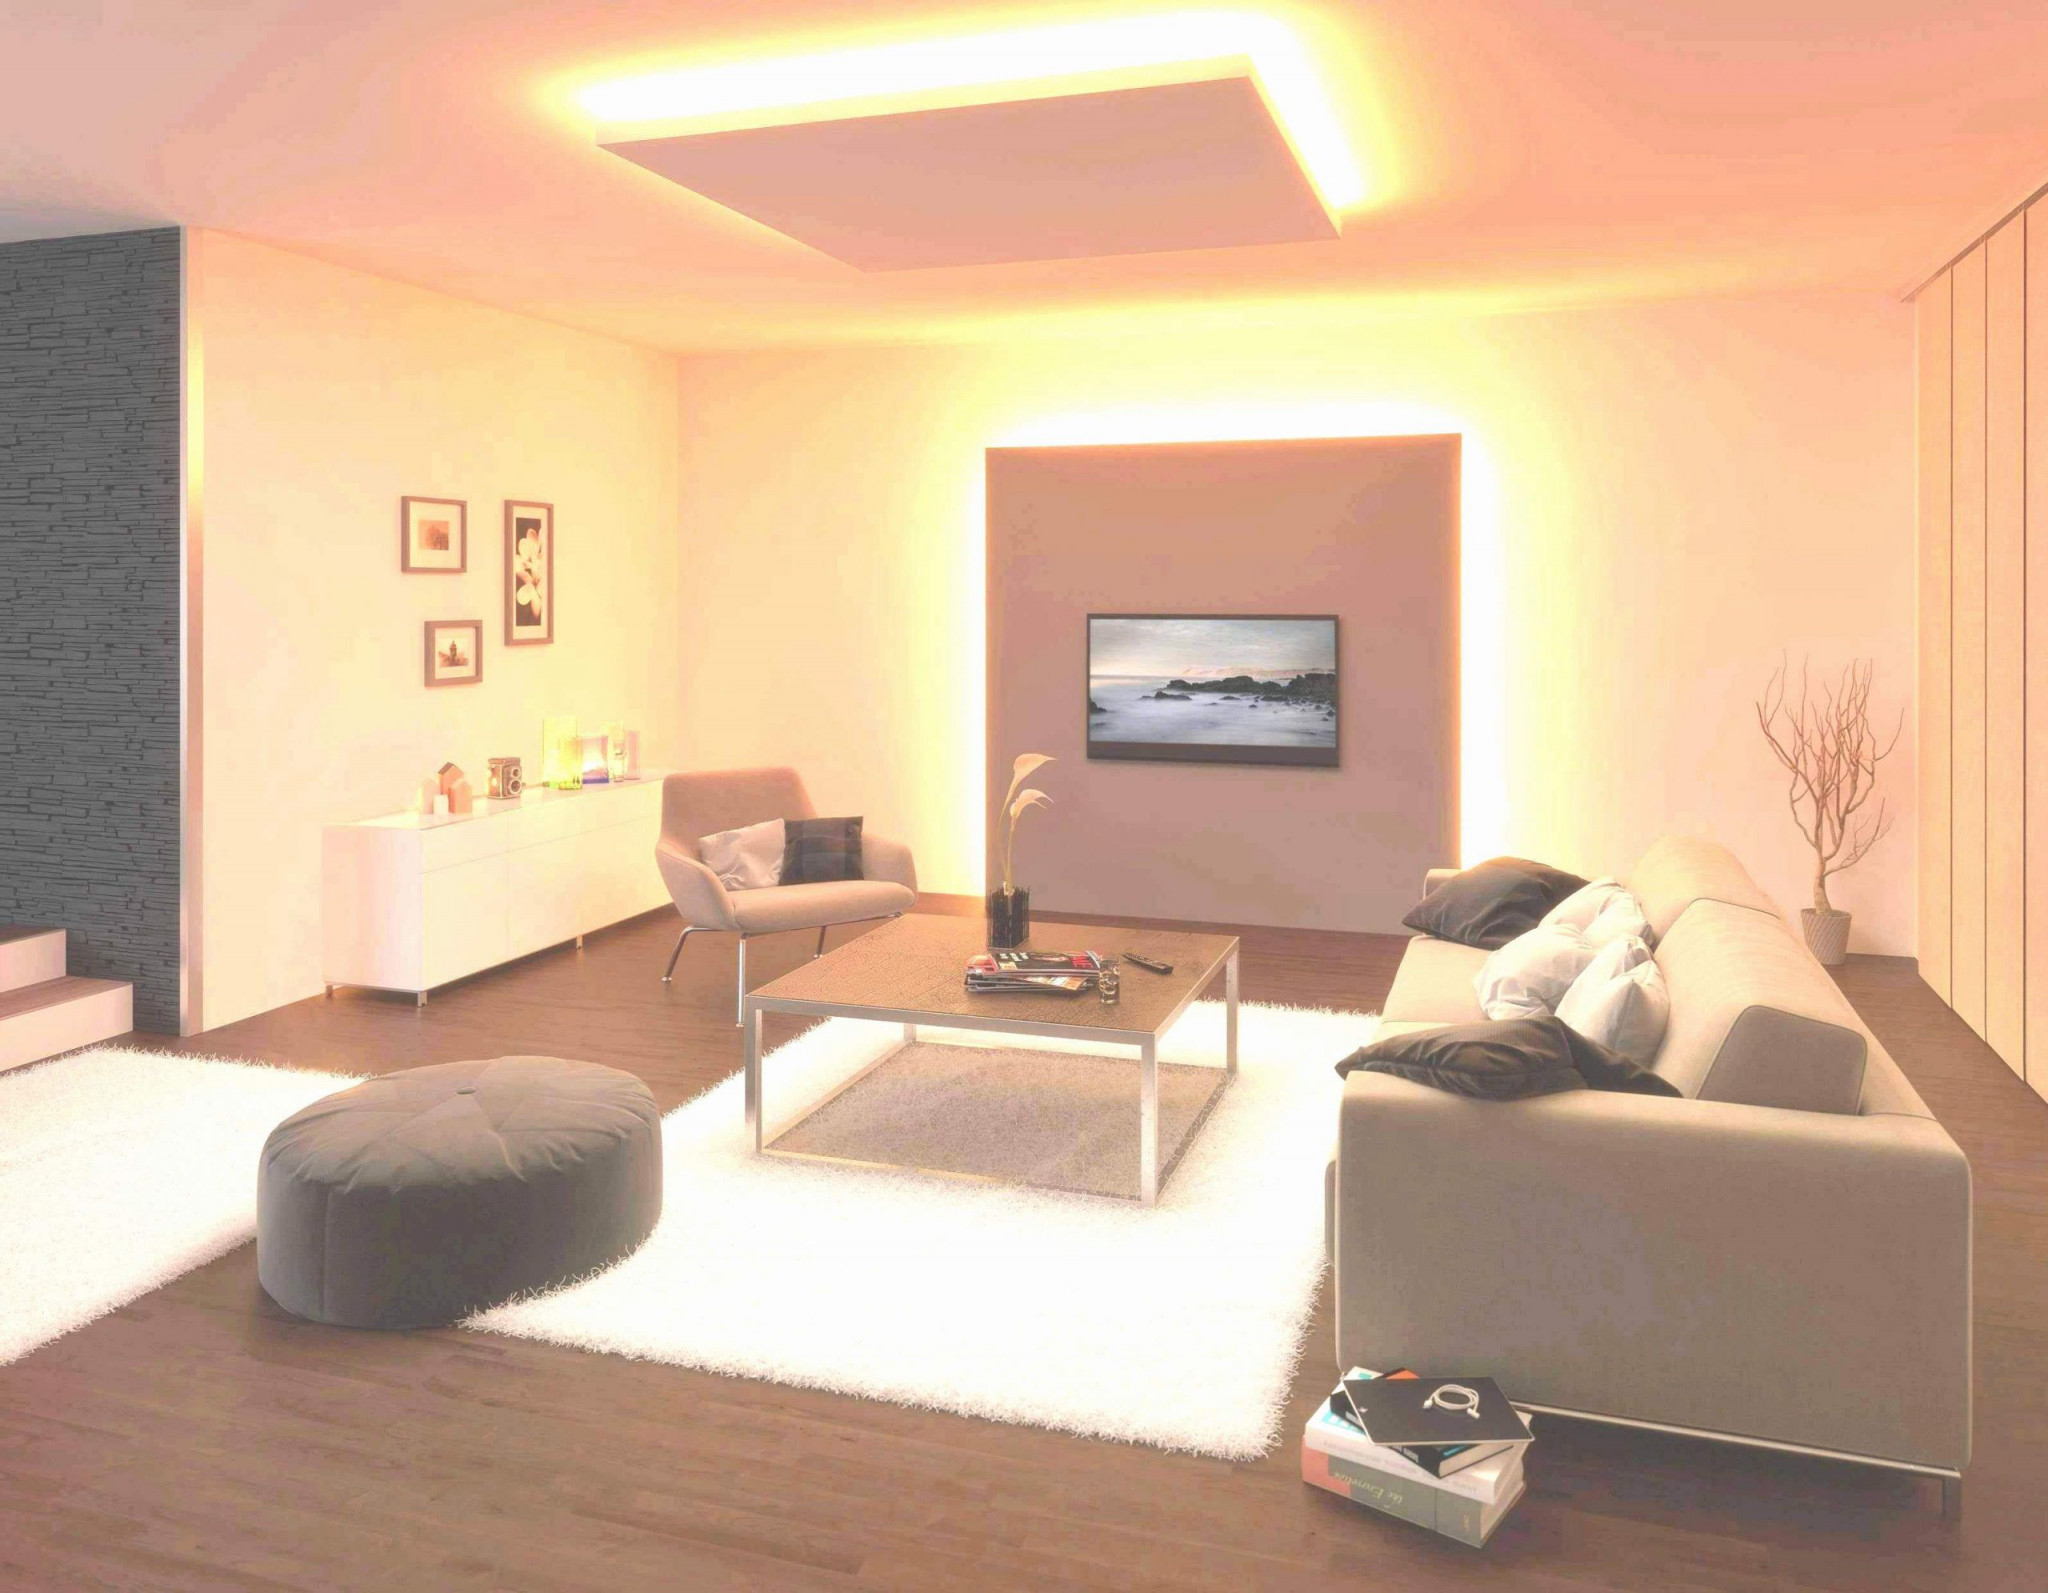 Wohnzimmer Decken Gestalten Frisch Wohnzimmer Decken von Wohnzimmer Fernsehwand Gestalten Photo